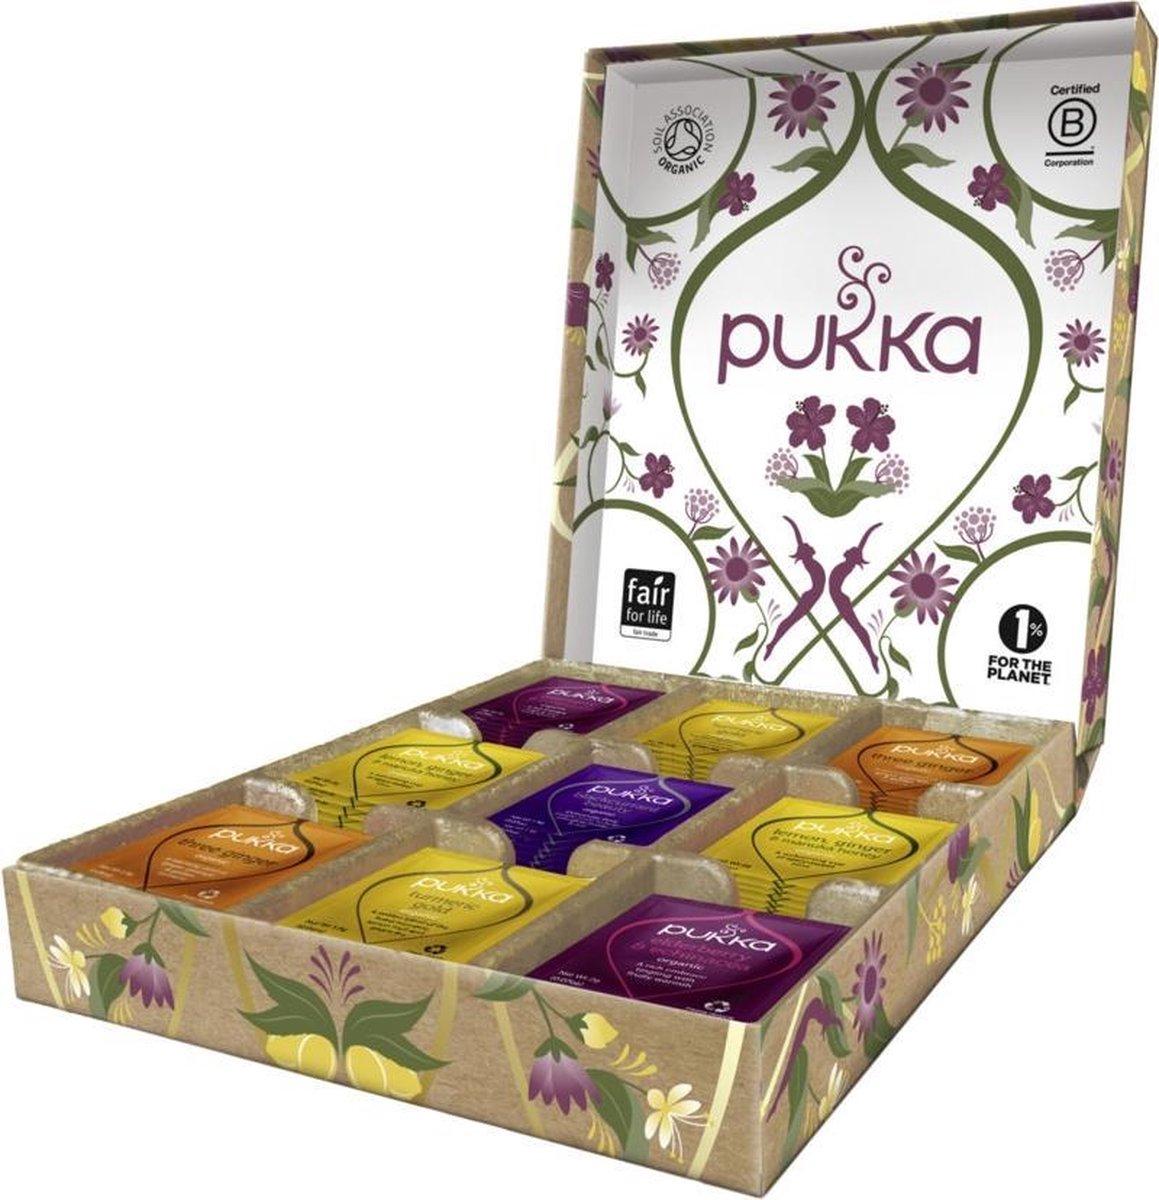 Pukka Support Theeselectie Geschenkdoos - 5 blends biologische kruidenthee - 45 zakjes